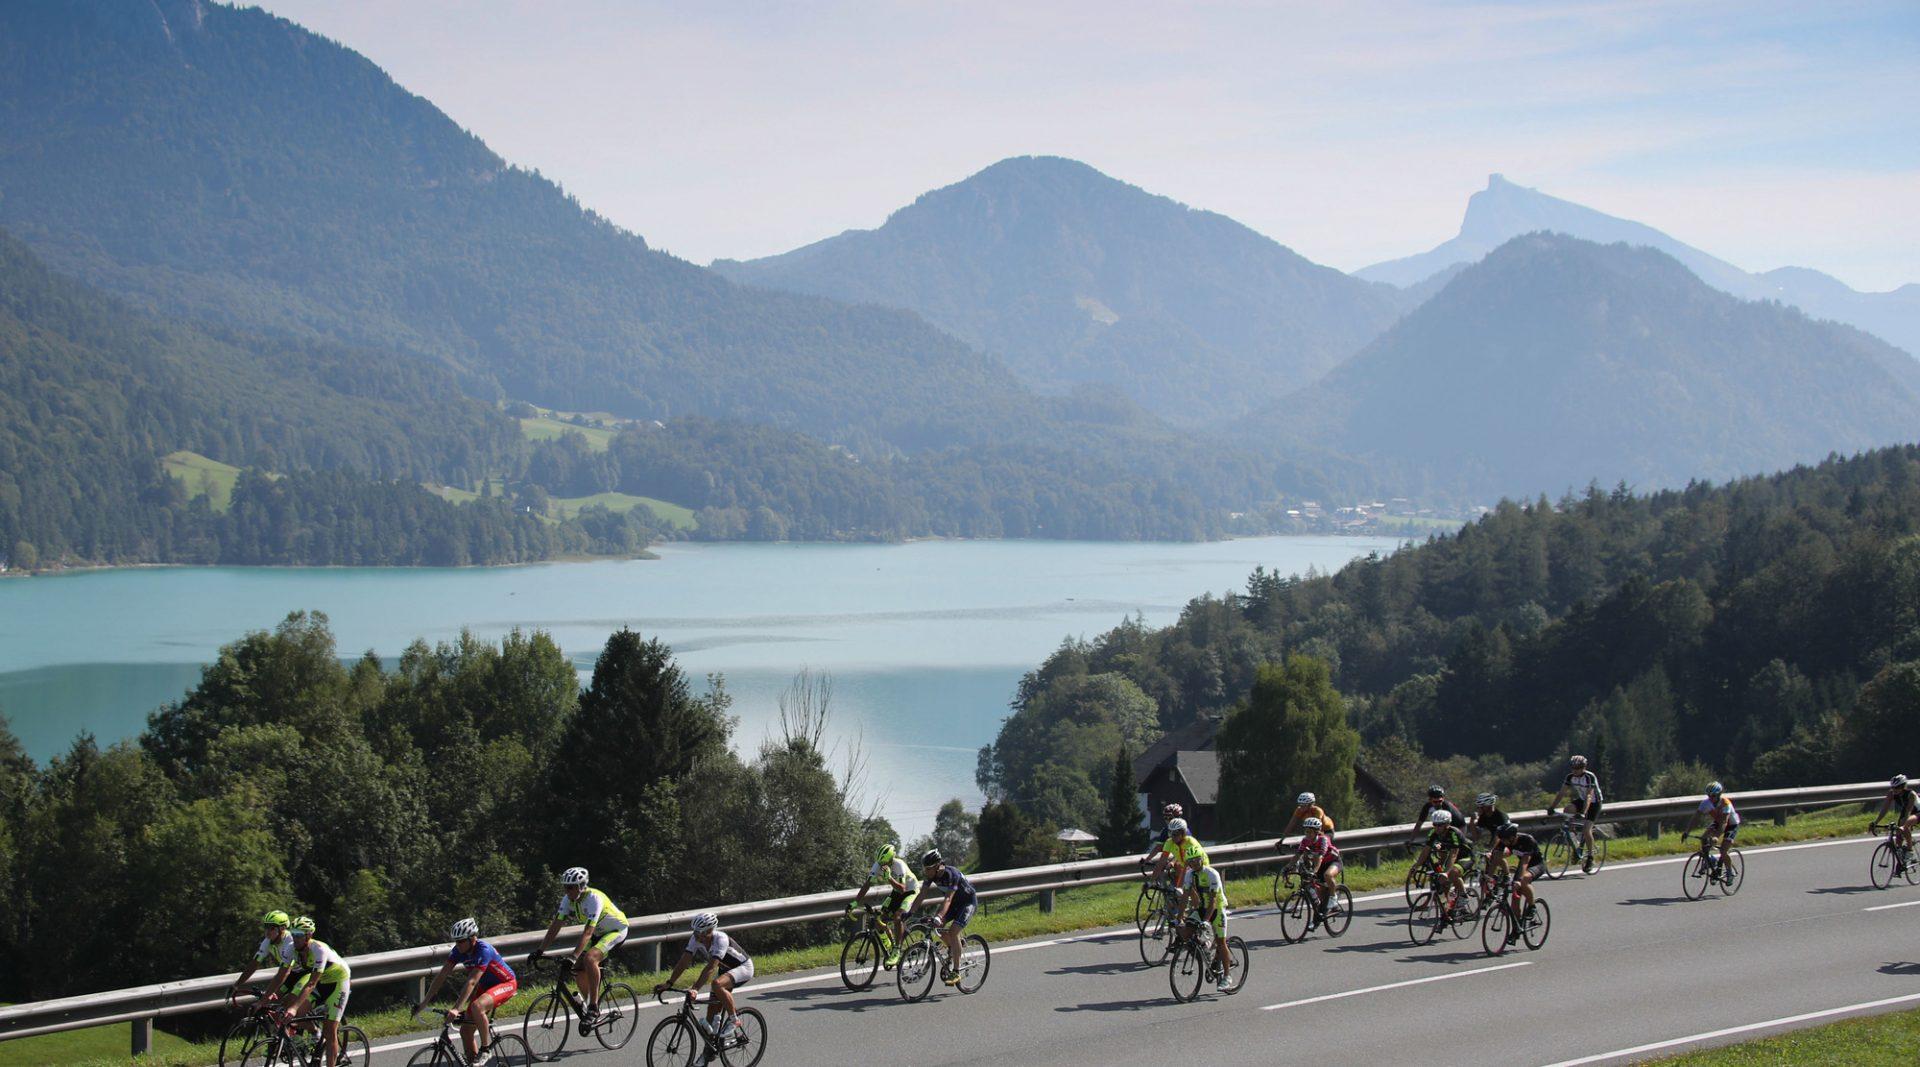 Impressionen von der Eddy Merckx Classic Charity-Ausfahrt in der Fuschlseeregion. Im Hintergrund der Fuschlsee.